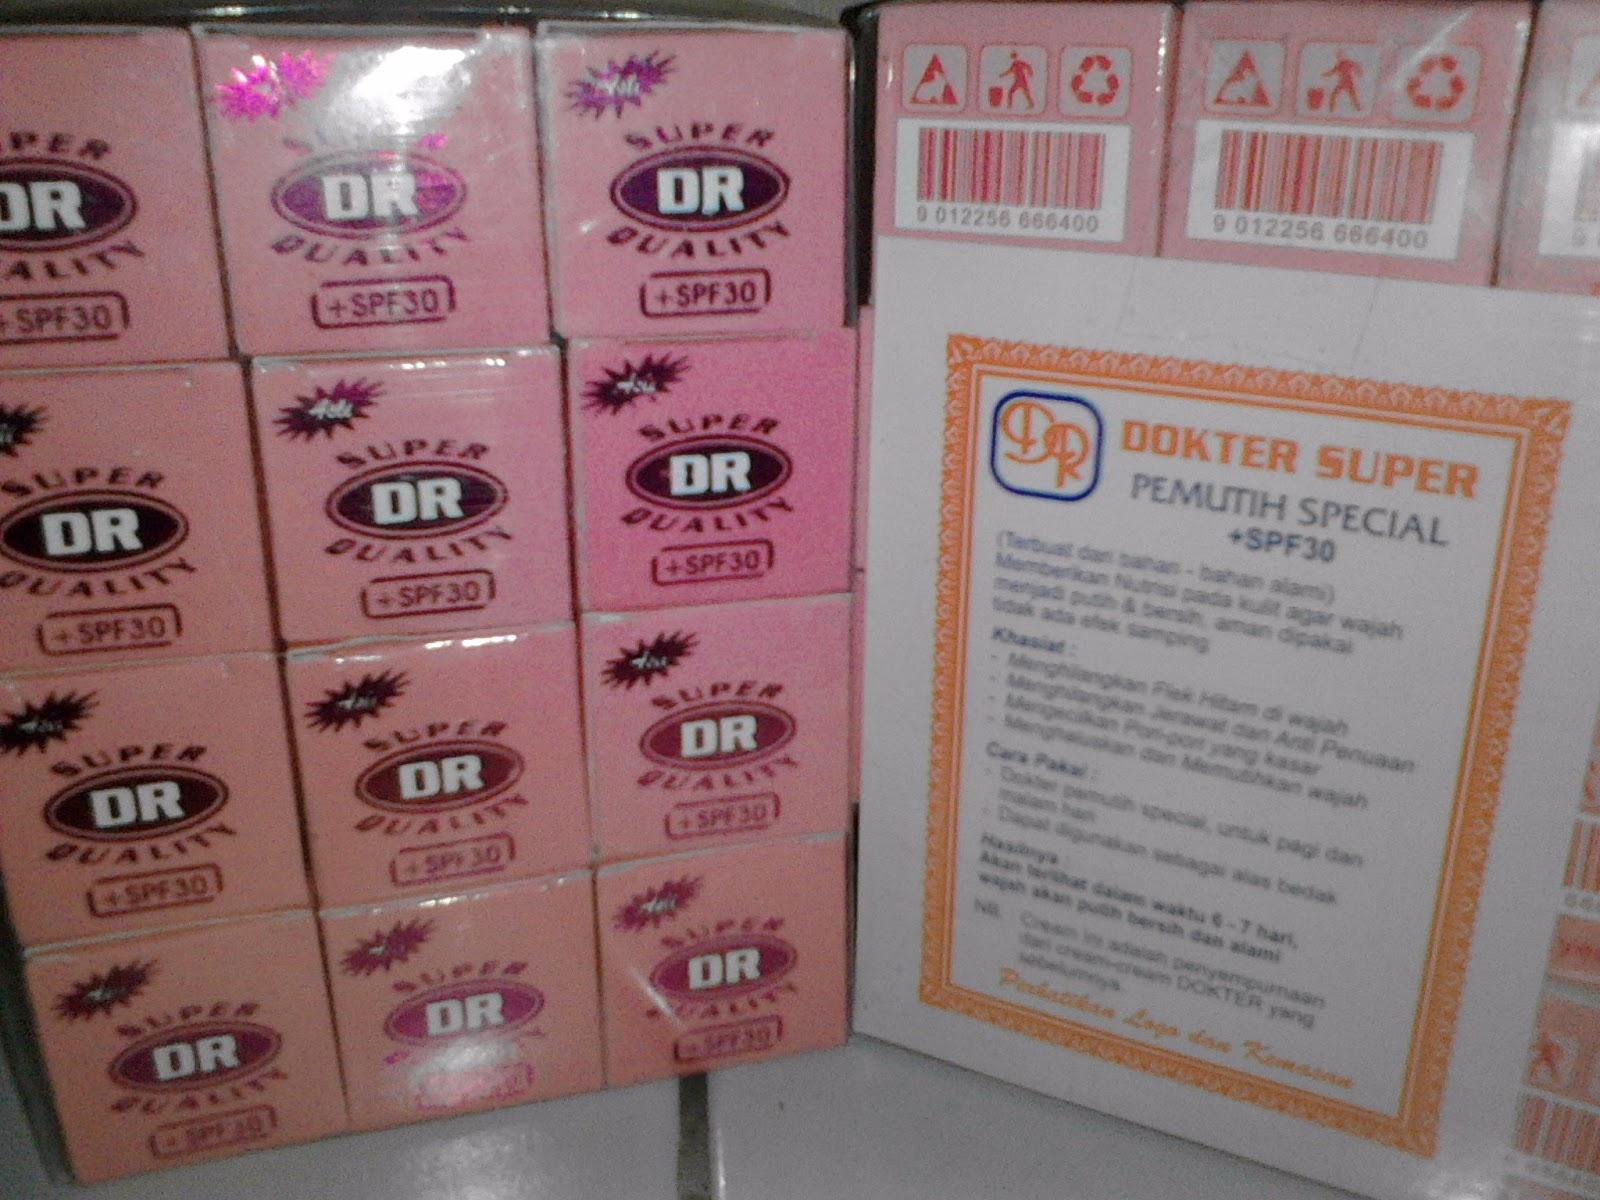 Jual Cream Drpink Asli Original Bpom Kosmetik Susu Domba Super Whitening Spf 30 Krim Dr Pink Adalah Yang Berguna Untuk Menghilangkan Jerawat Menghaluskan Kulit Memutihkan Wajah Dan